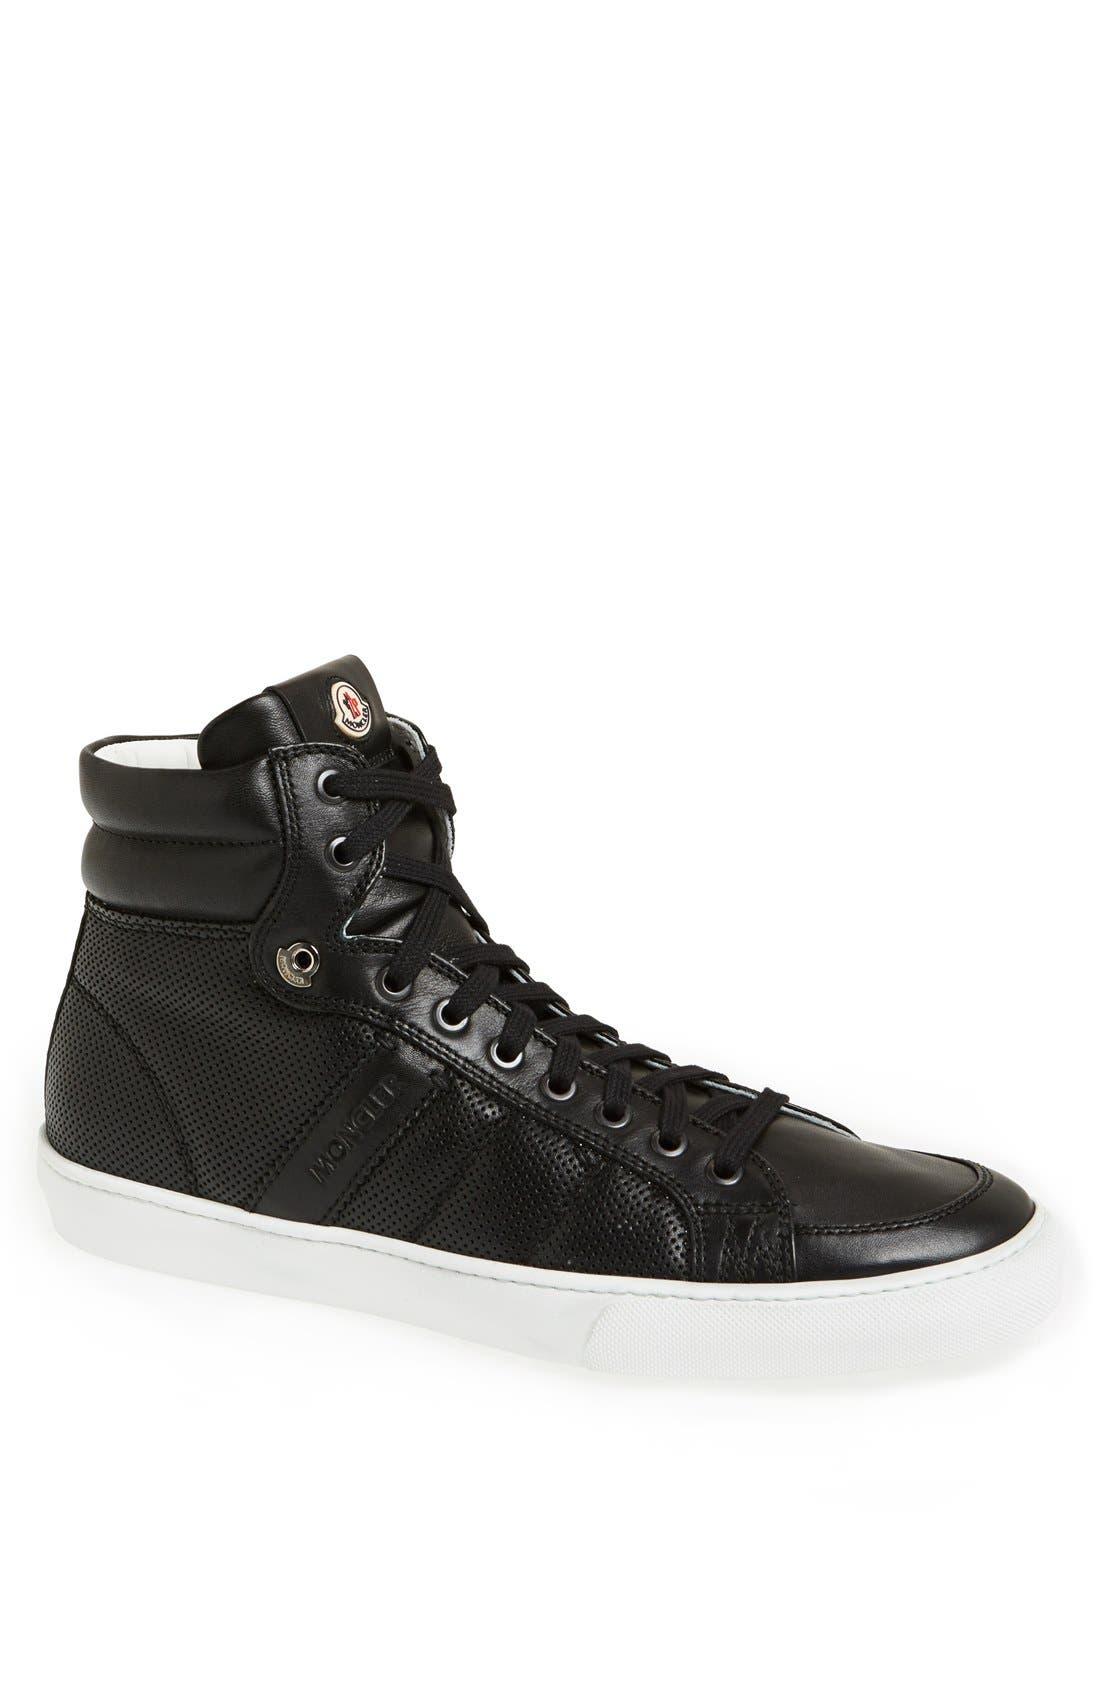 Main Image - Moncler 'Lyon' Sneaker (Men)